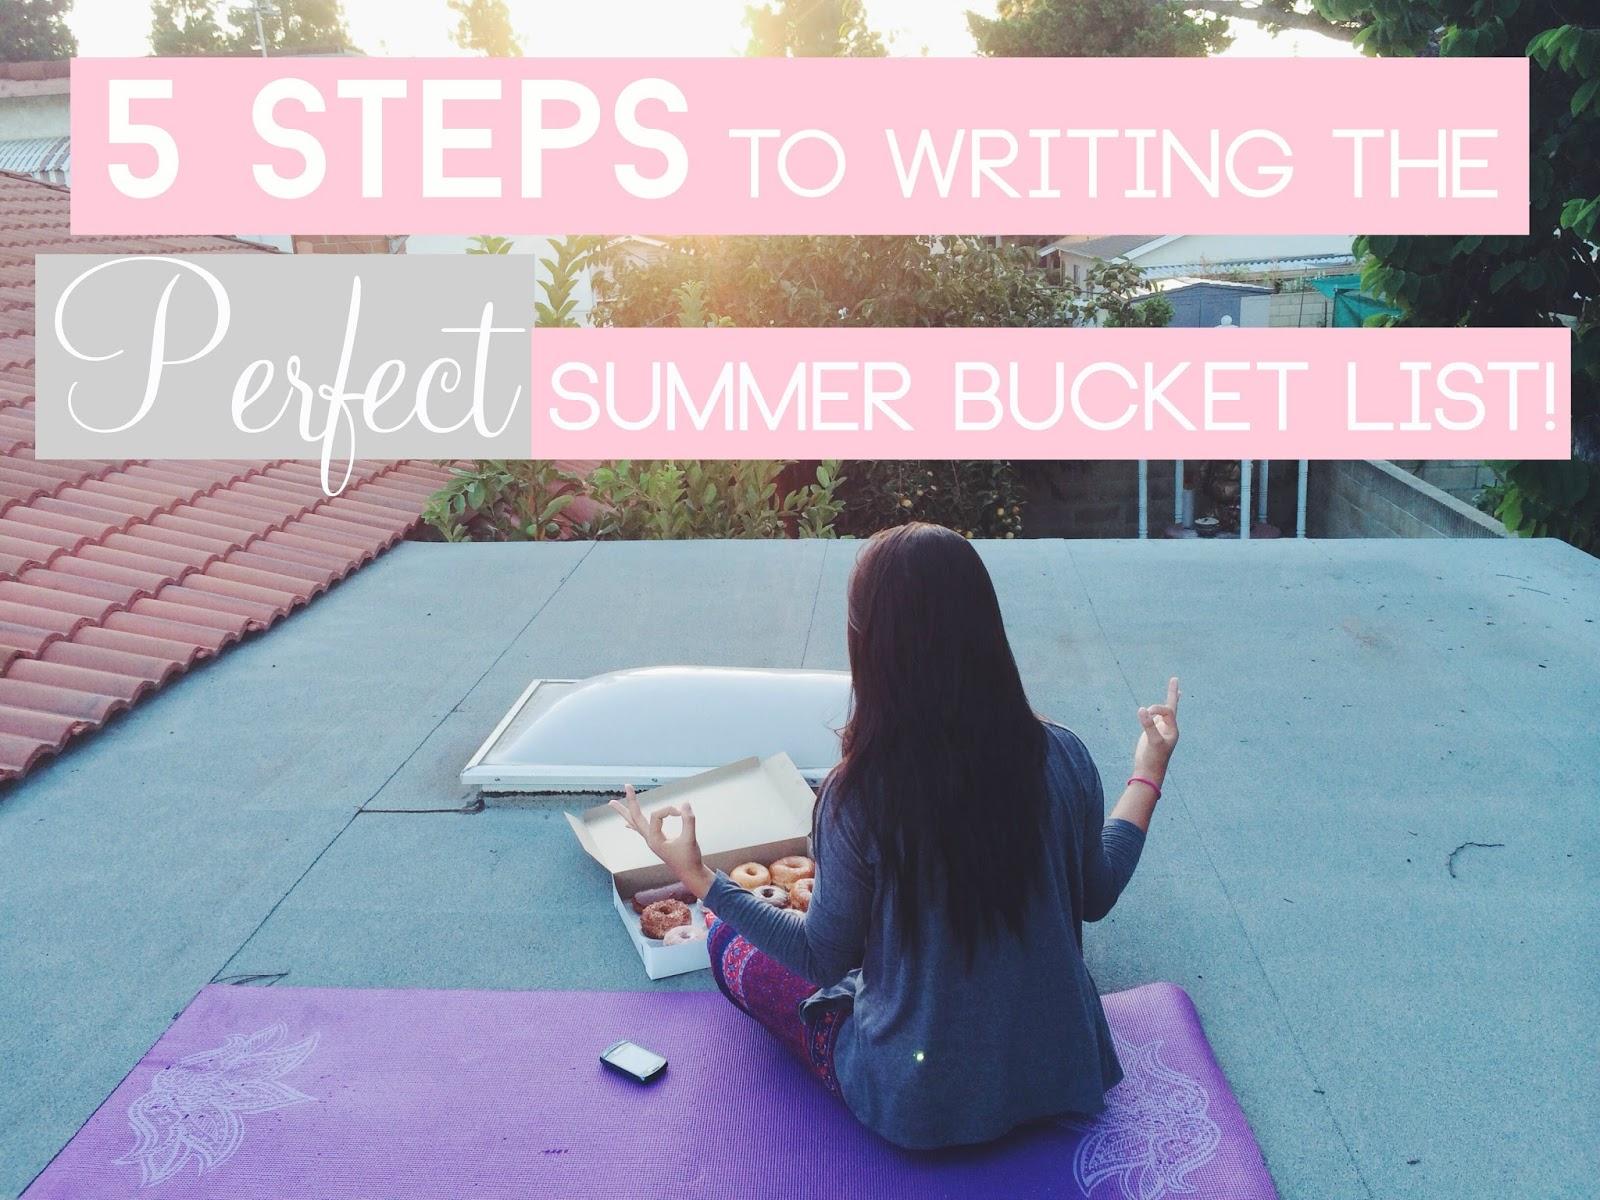 summer bucket list, write a bucket list, bucket list, list, summer